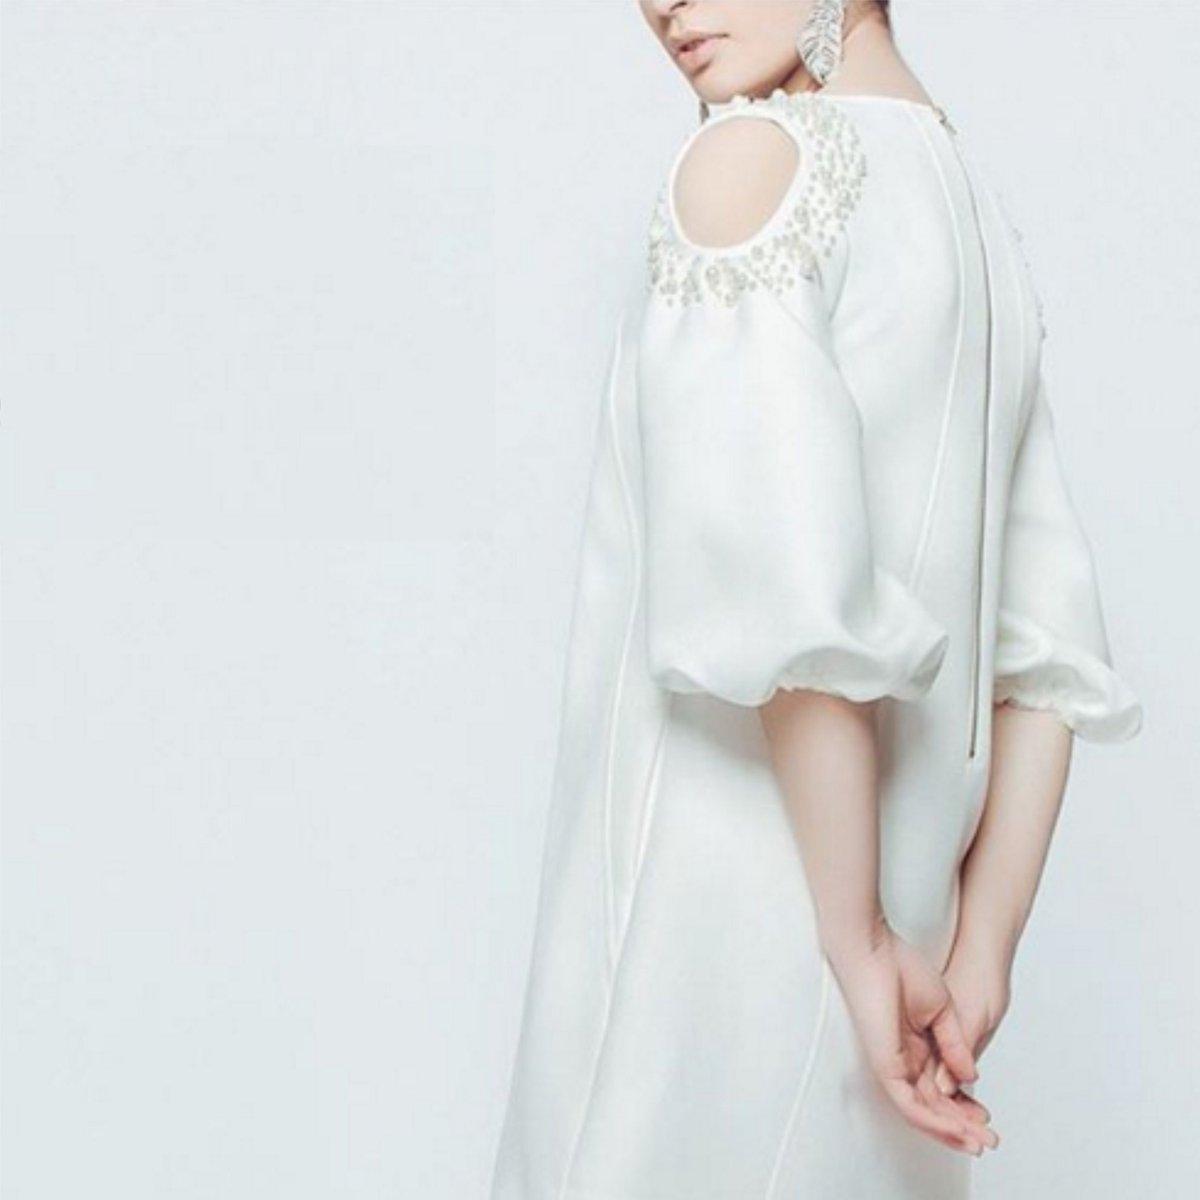 Купить одежду Cavo в интернет магазине WildBerries.by